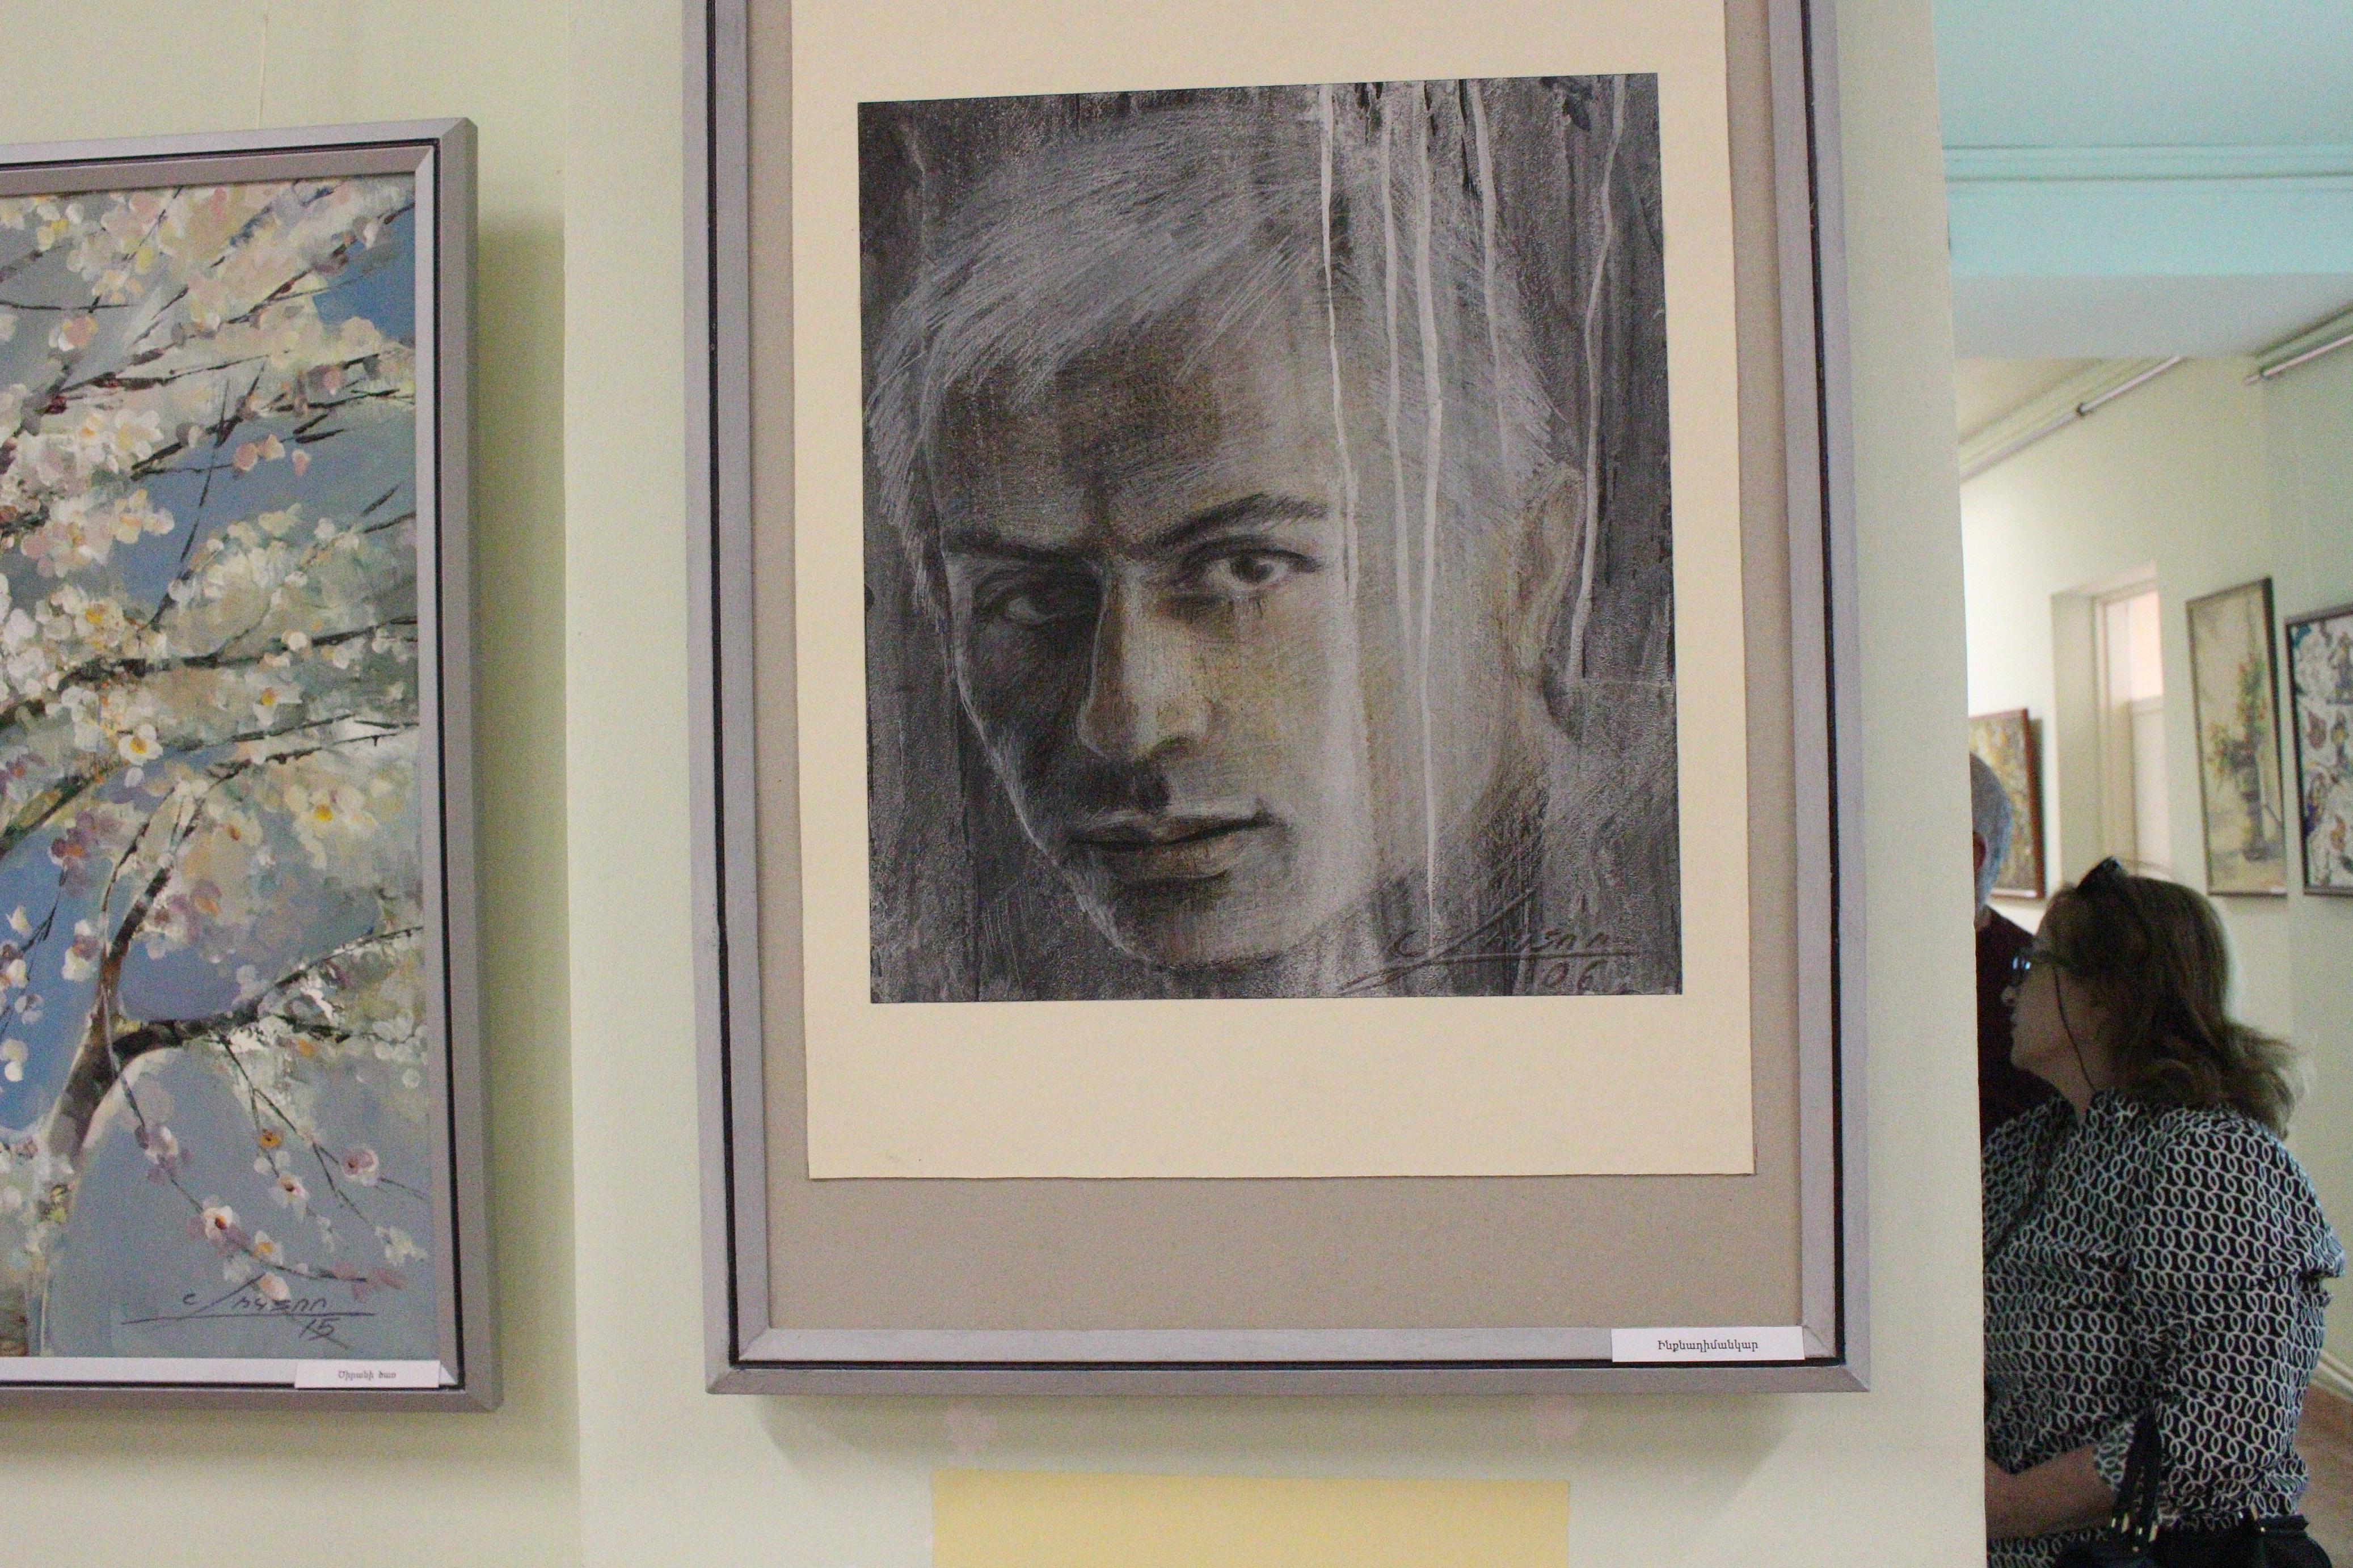 <<Գույների կախարդանք>> խորագիրը կրող անհատական ցուցահանդեսը, որը նվիրված էր Վիկտոր Հովհաննիսյանի 70-ամյակին